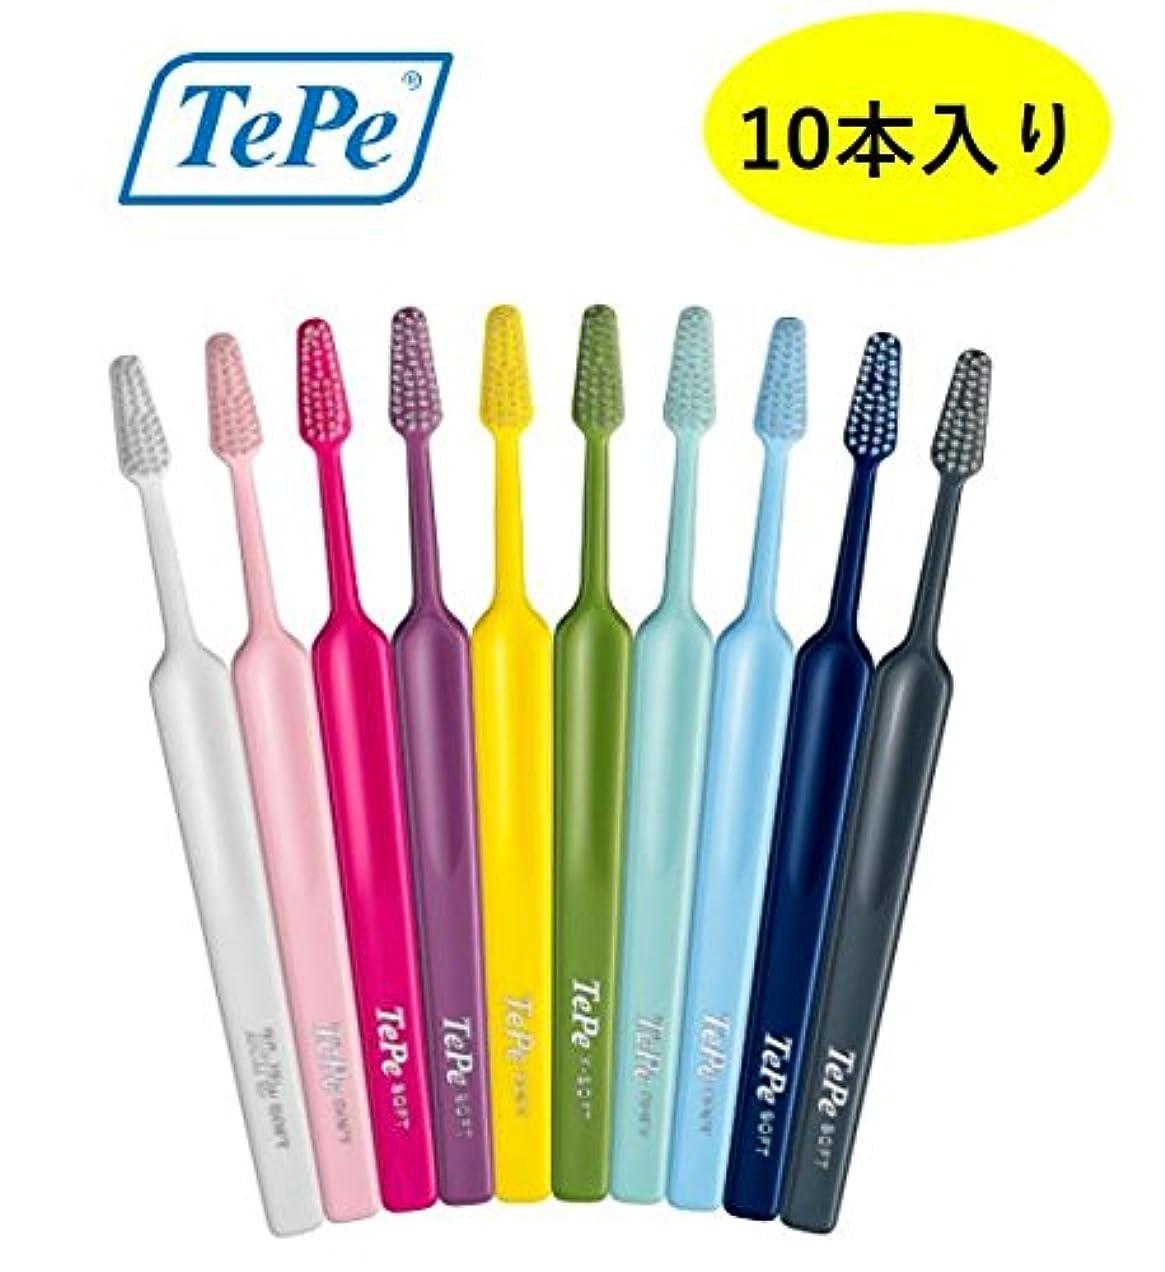 繊細誘惑子羊テペ ソフト(やわらかめ) 10本 ブリスターパック TePe